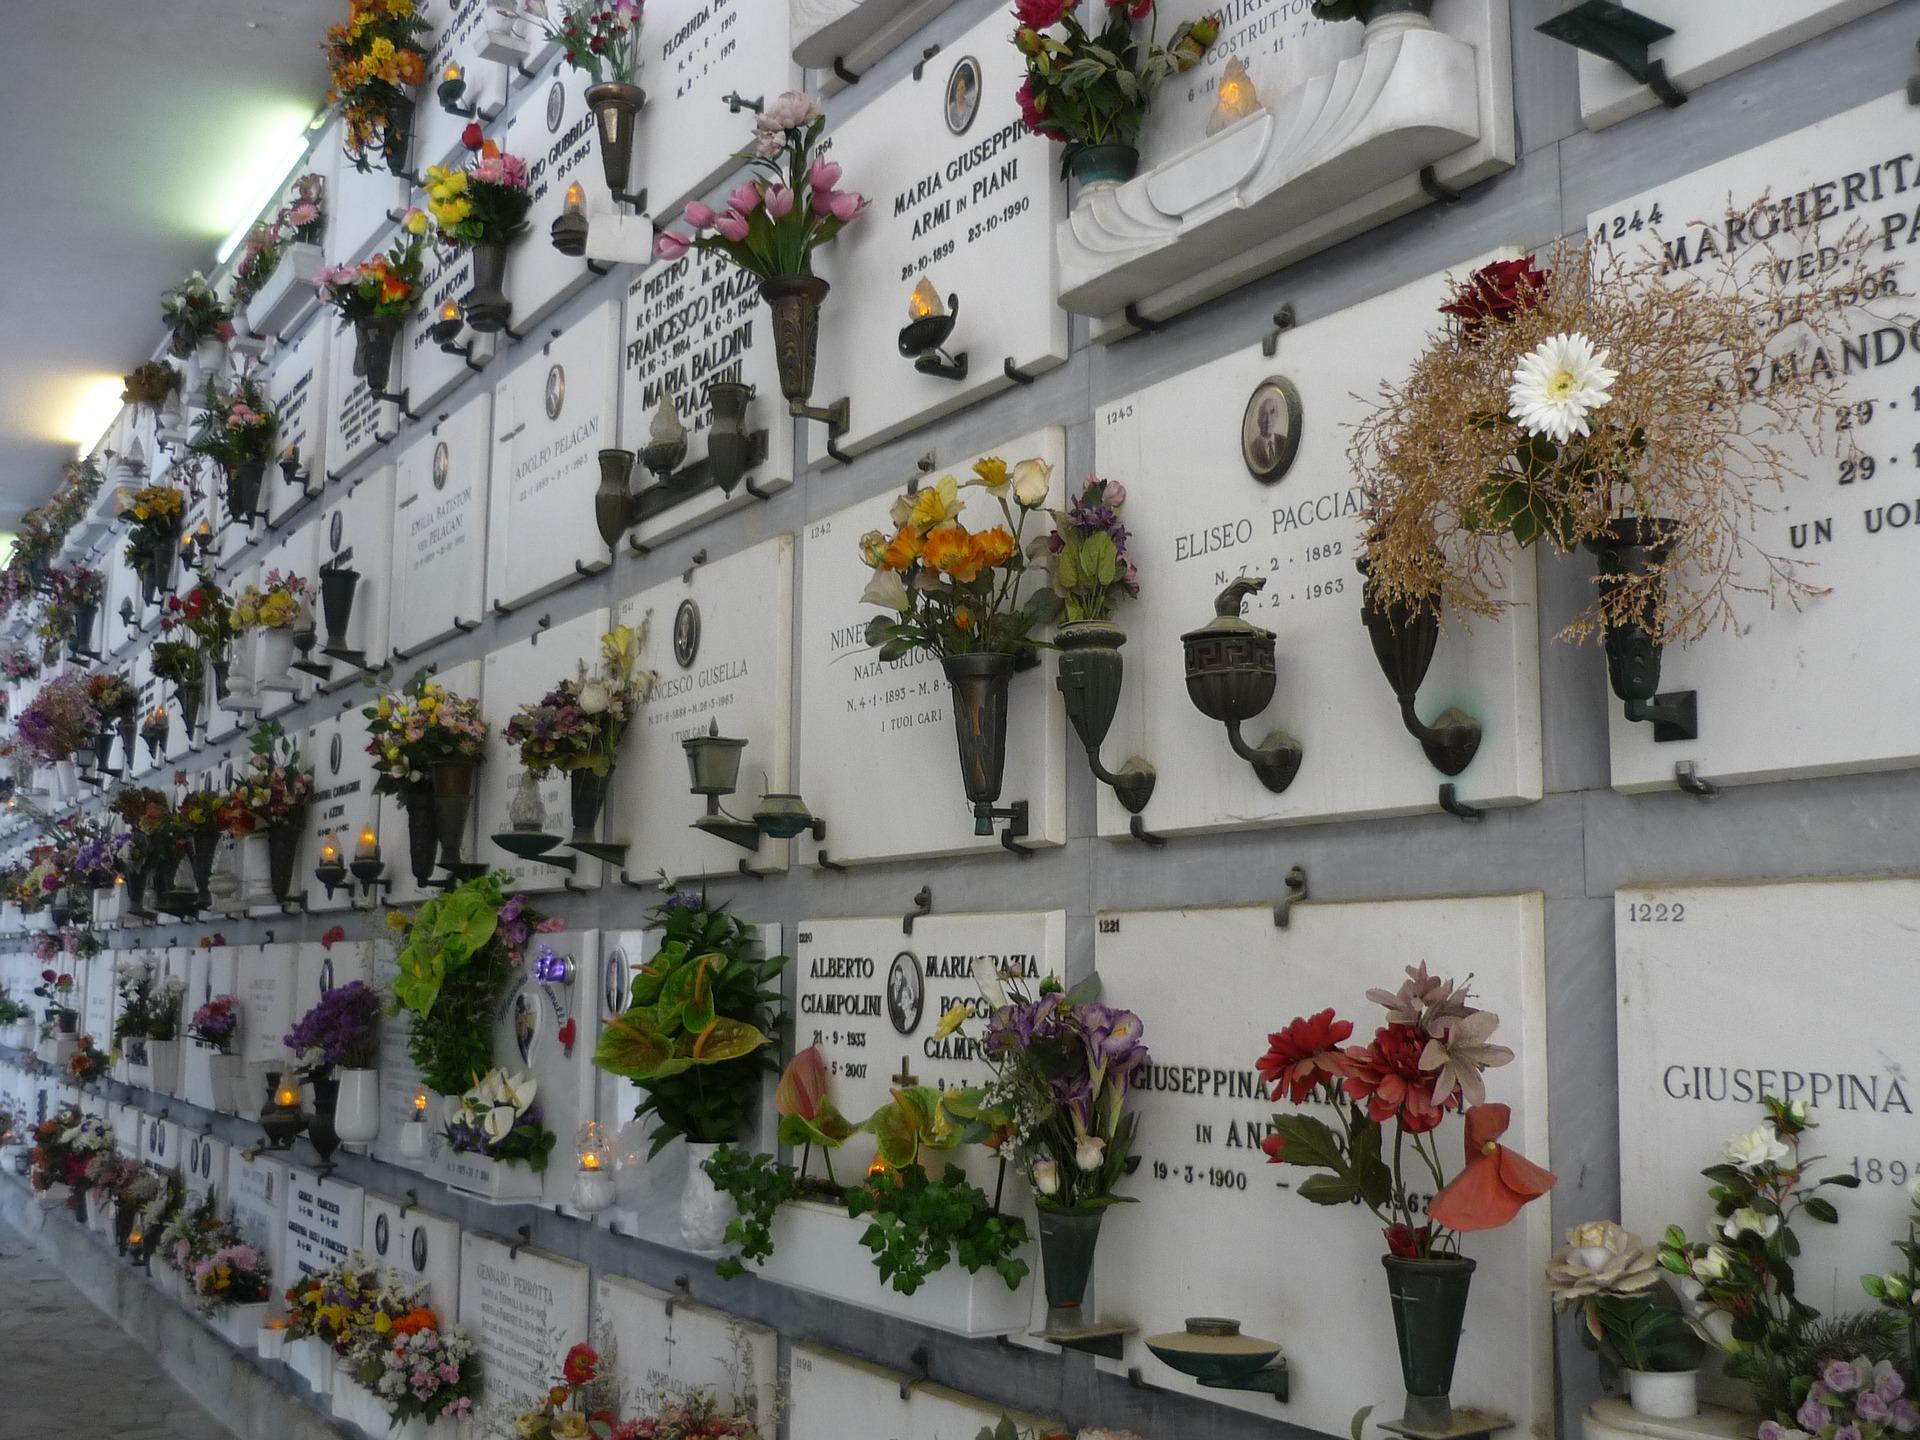 Urnenwand zur Verwahrung der Asche nach der Einäscherung